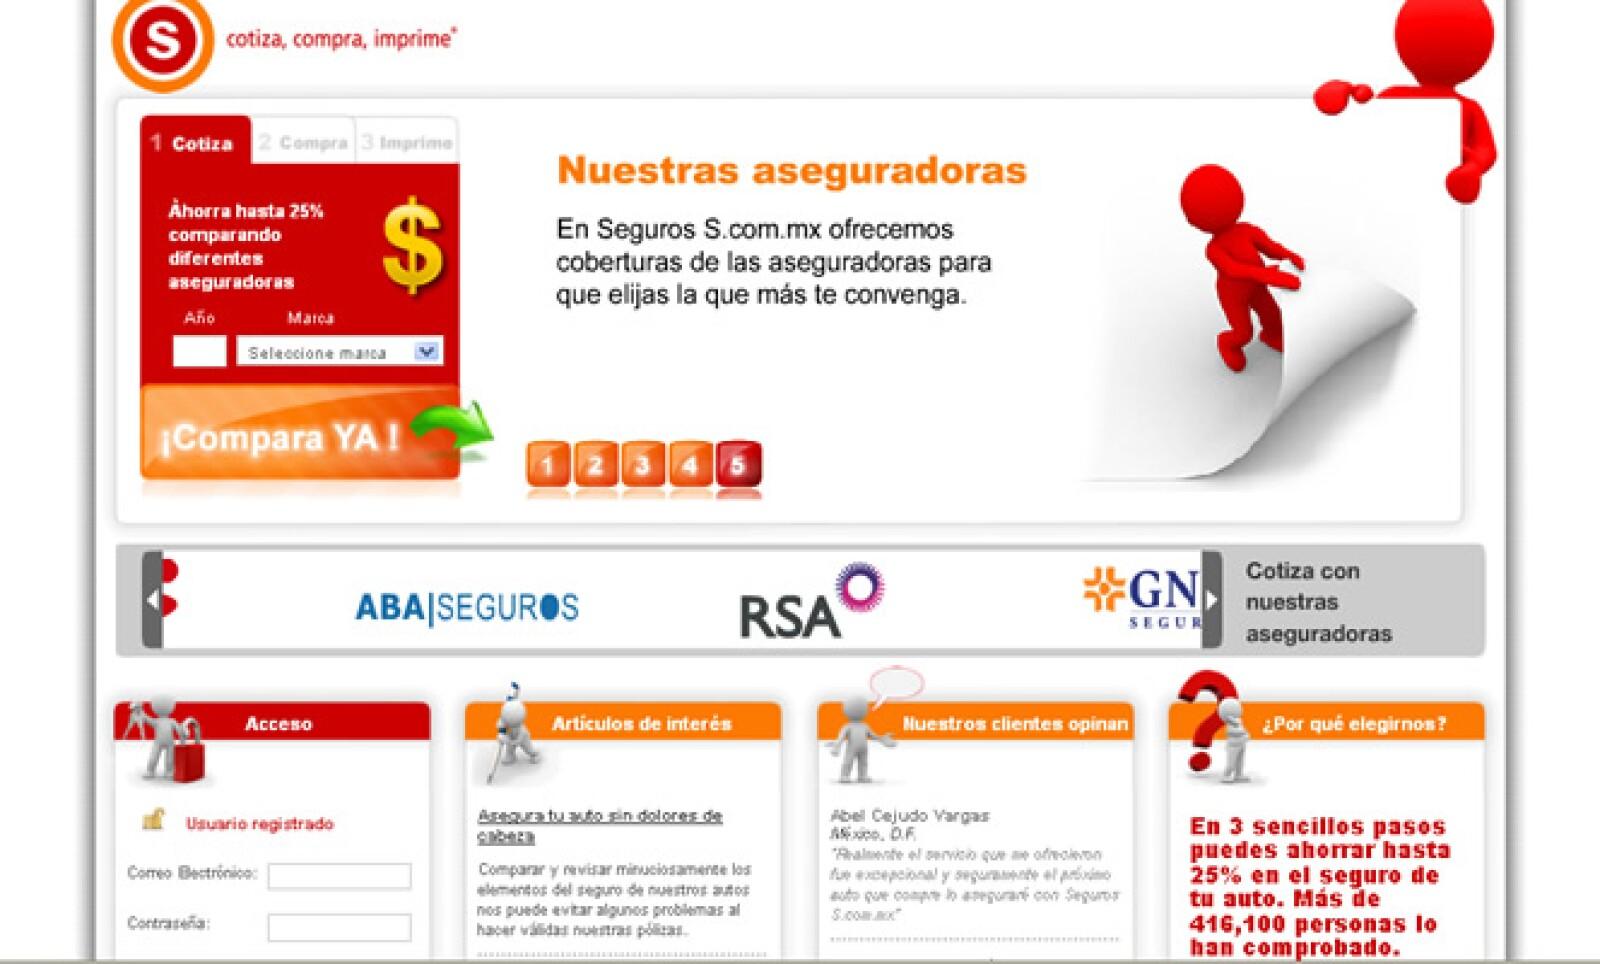 La agencia aseguradora Seguros S es uno de los finalistas en la categoría 'Financiero', ya que permite realizar todo tipo de trámites relacionados con seguros automotrices a través de Internet.